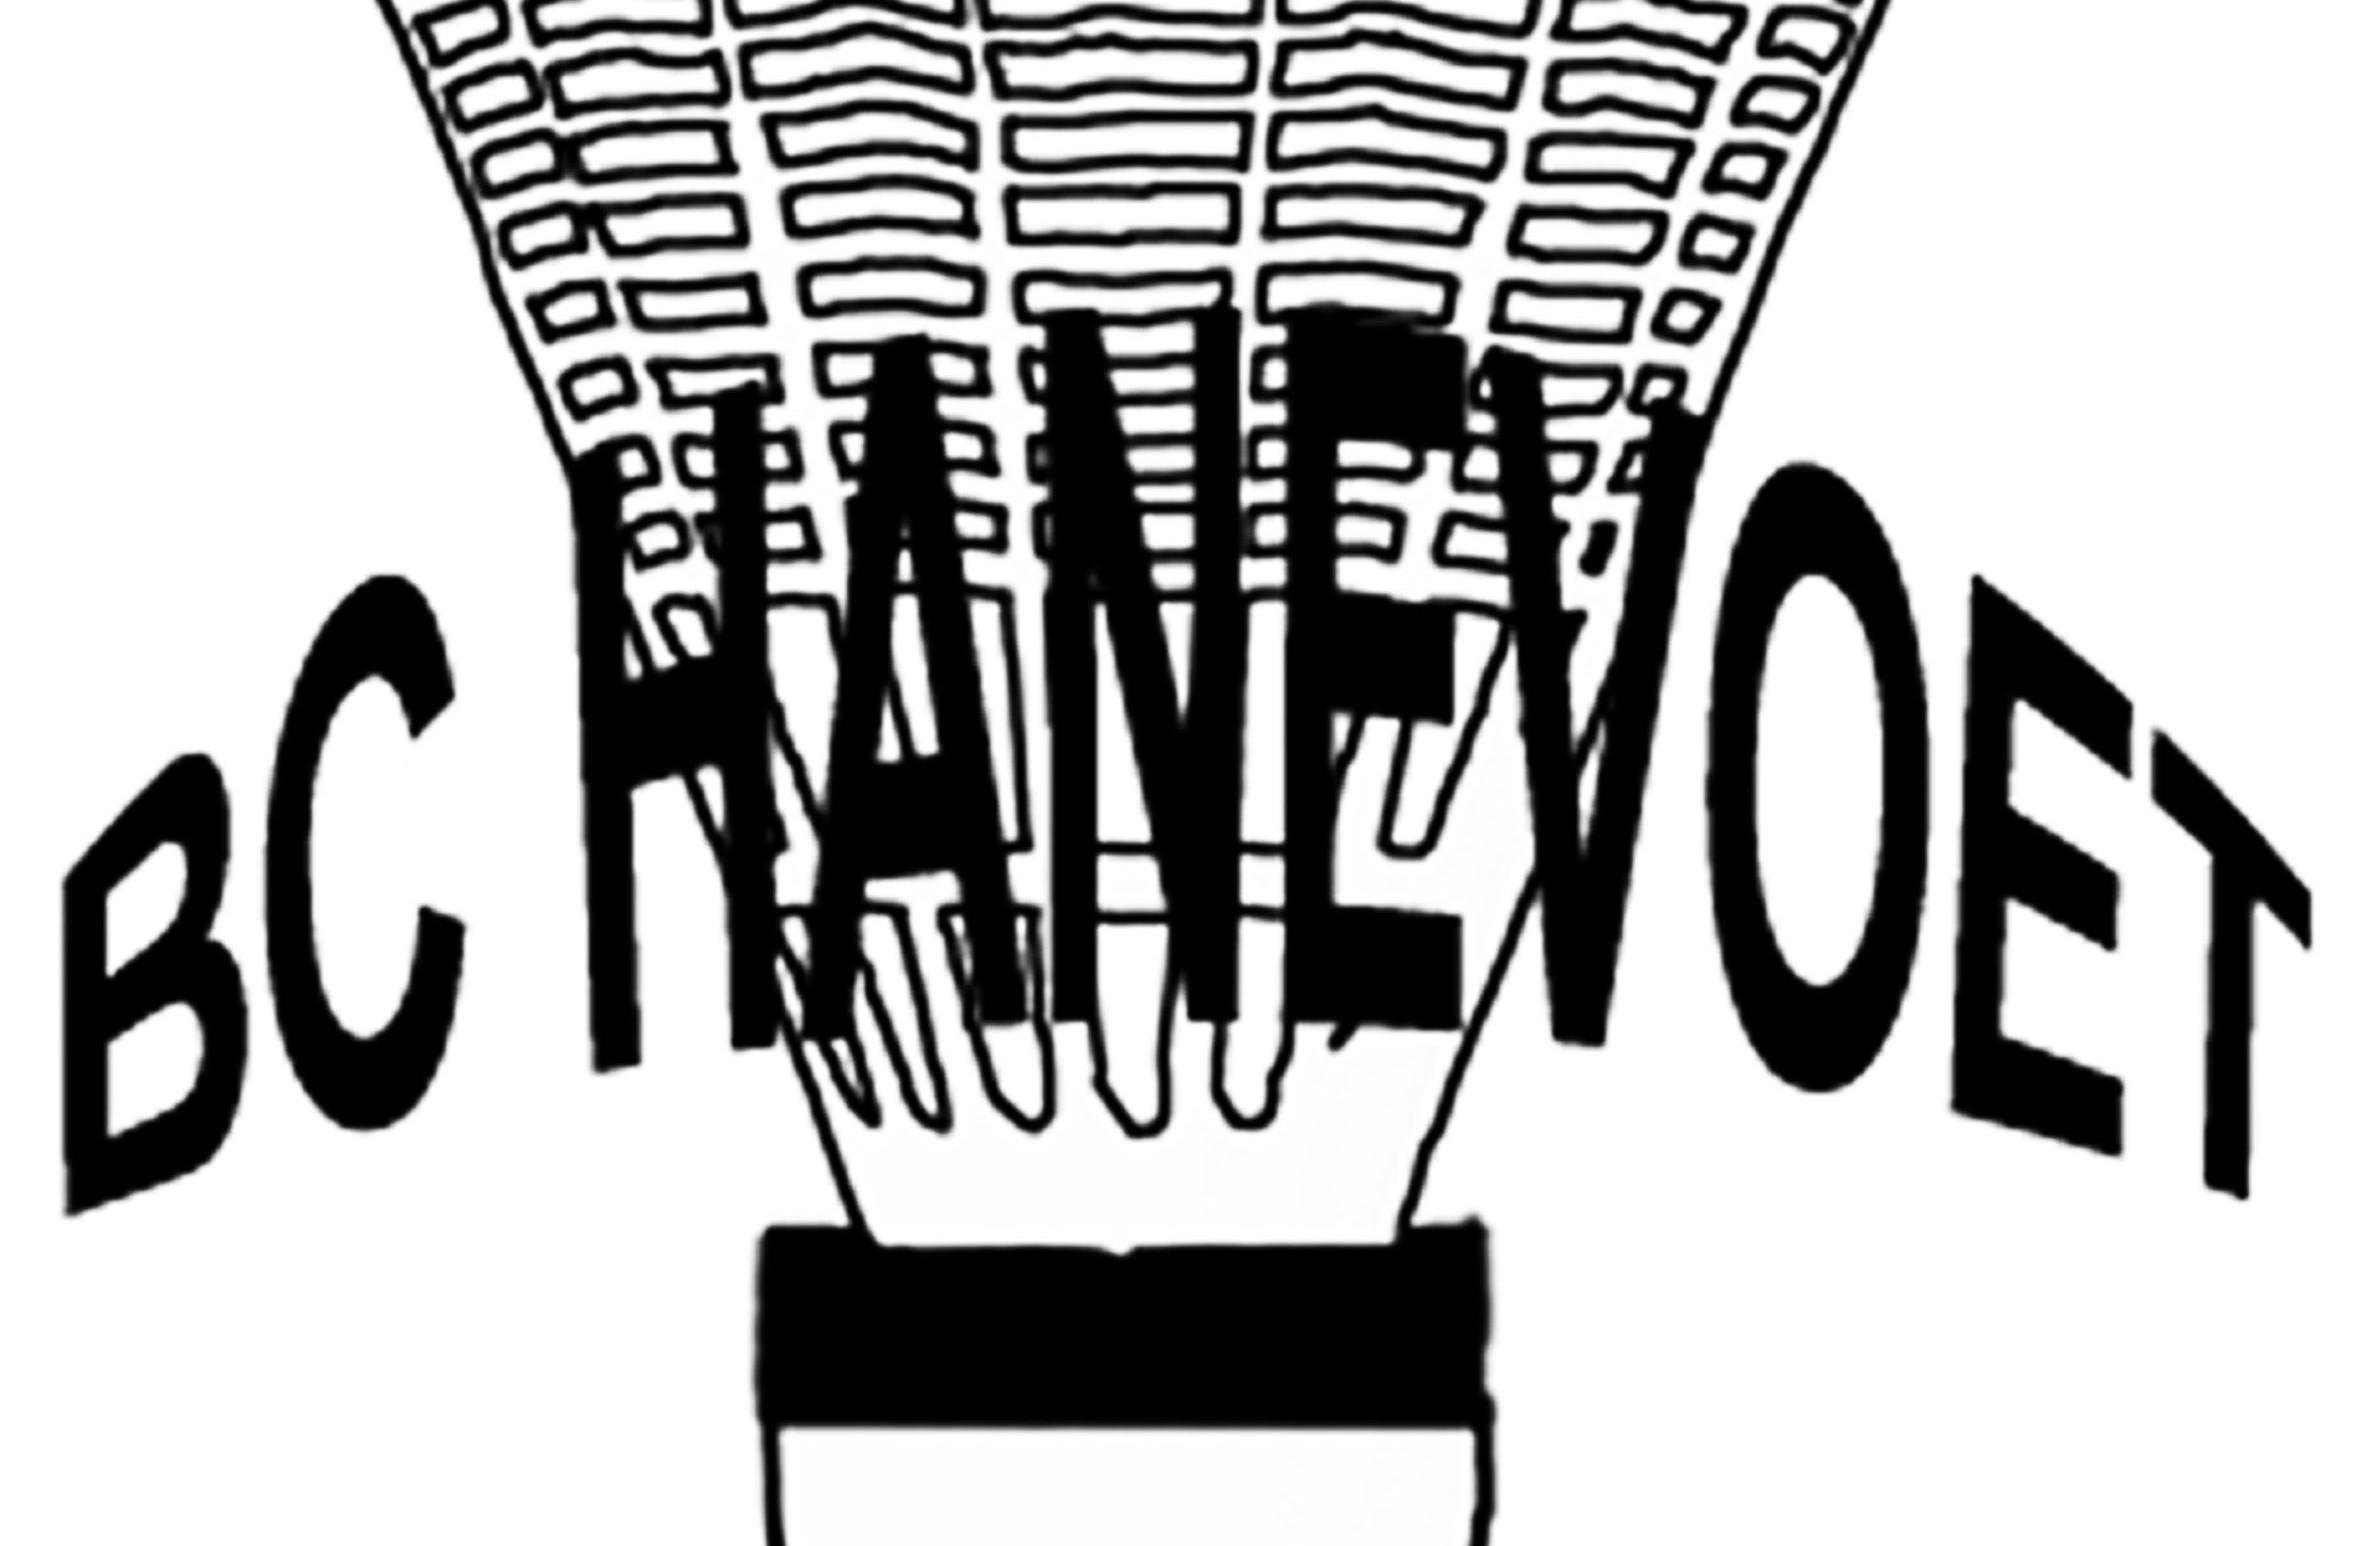 BC Hanevoet zoekt jeugdtrain(st)er voor 2019!